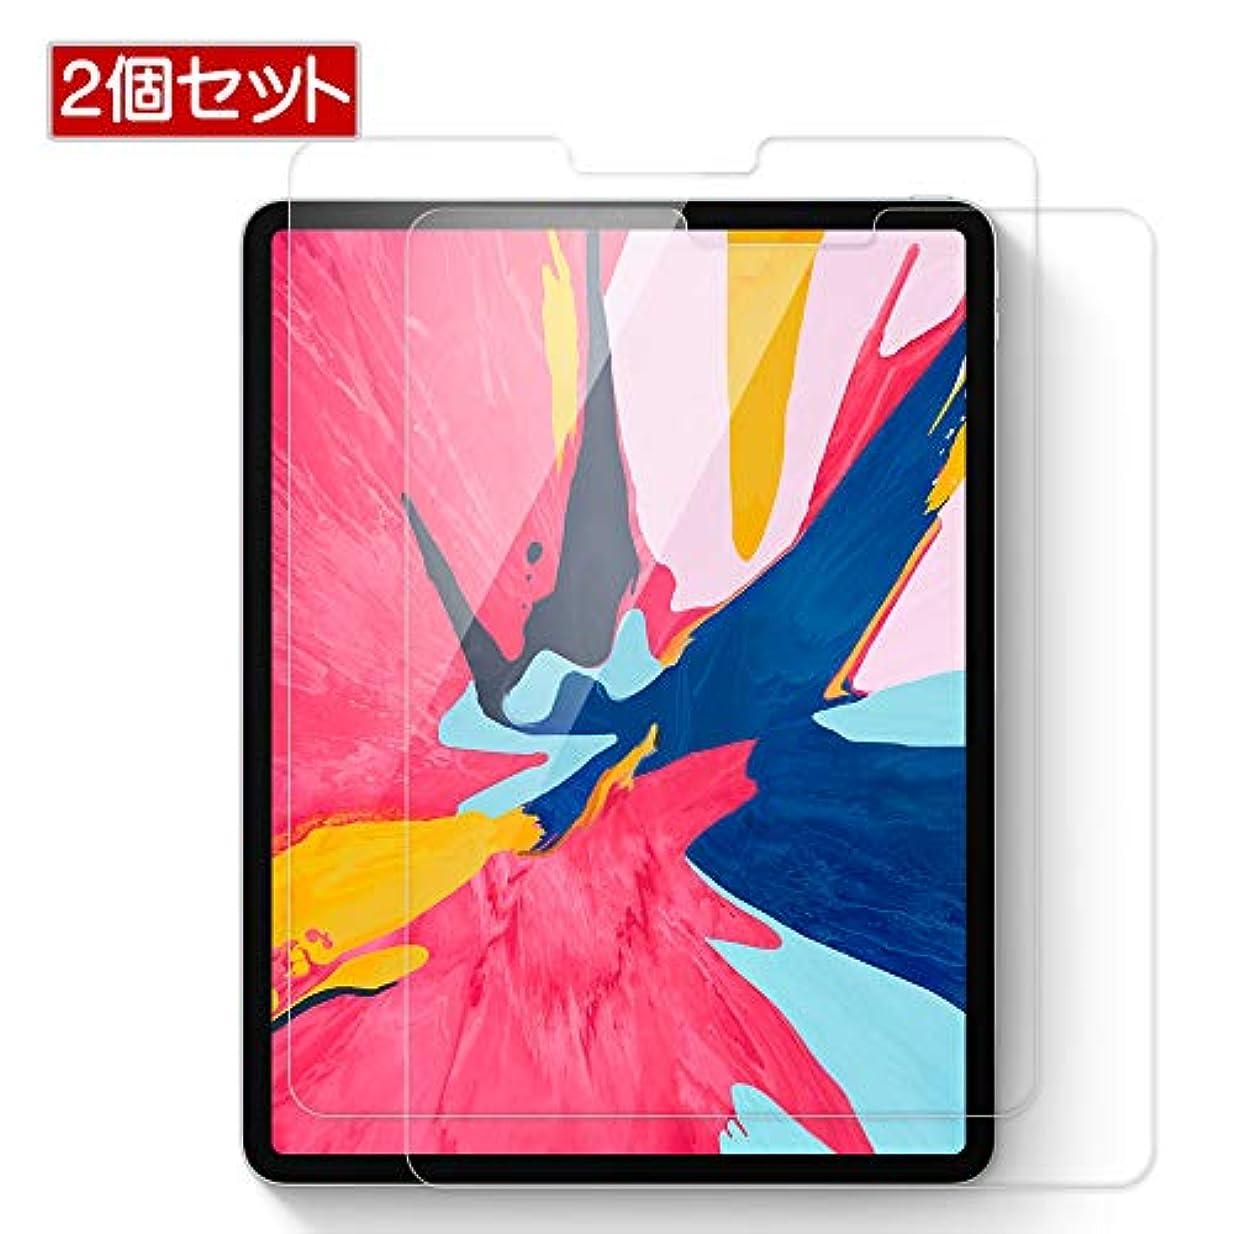 クレデンシャルマイルストーンパーセントiPad Pro 12.9 2018 ガラスフイルム F.G.S 日本製素材 強化ガラス液晶保護フィルム 2個セット 硬度9H 指紋防止 飛散防止 高透過率 高感度タッチ ラウンドエッジ加工 iPad Pro 12.9 2018 強化ガラススフイルム